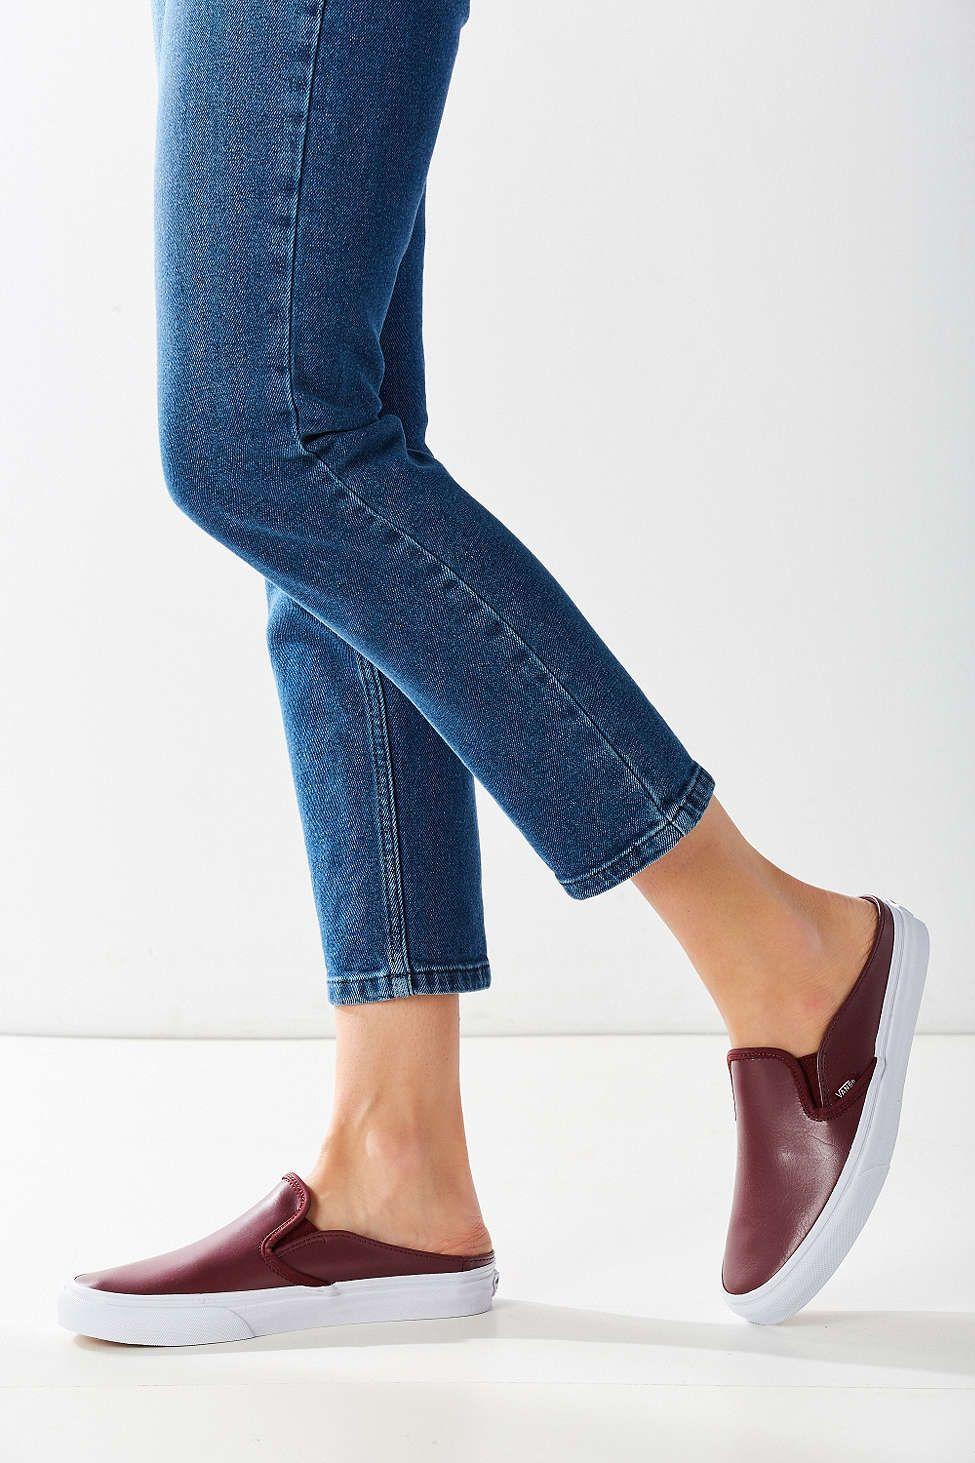 5e926b810936 Vans Classic Slip-On Mule Sneaker